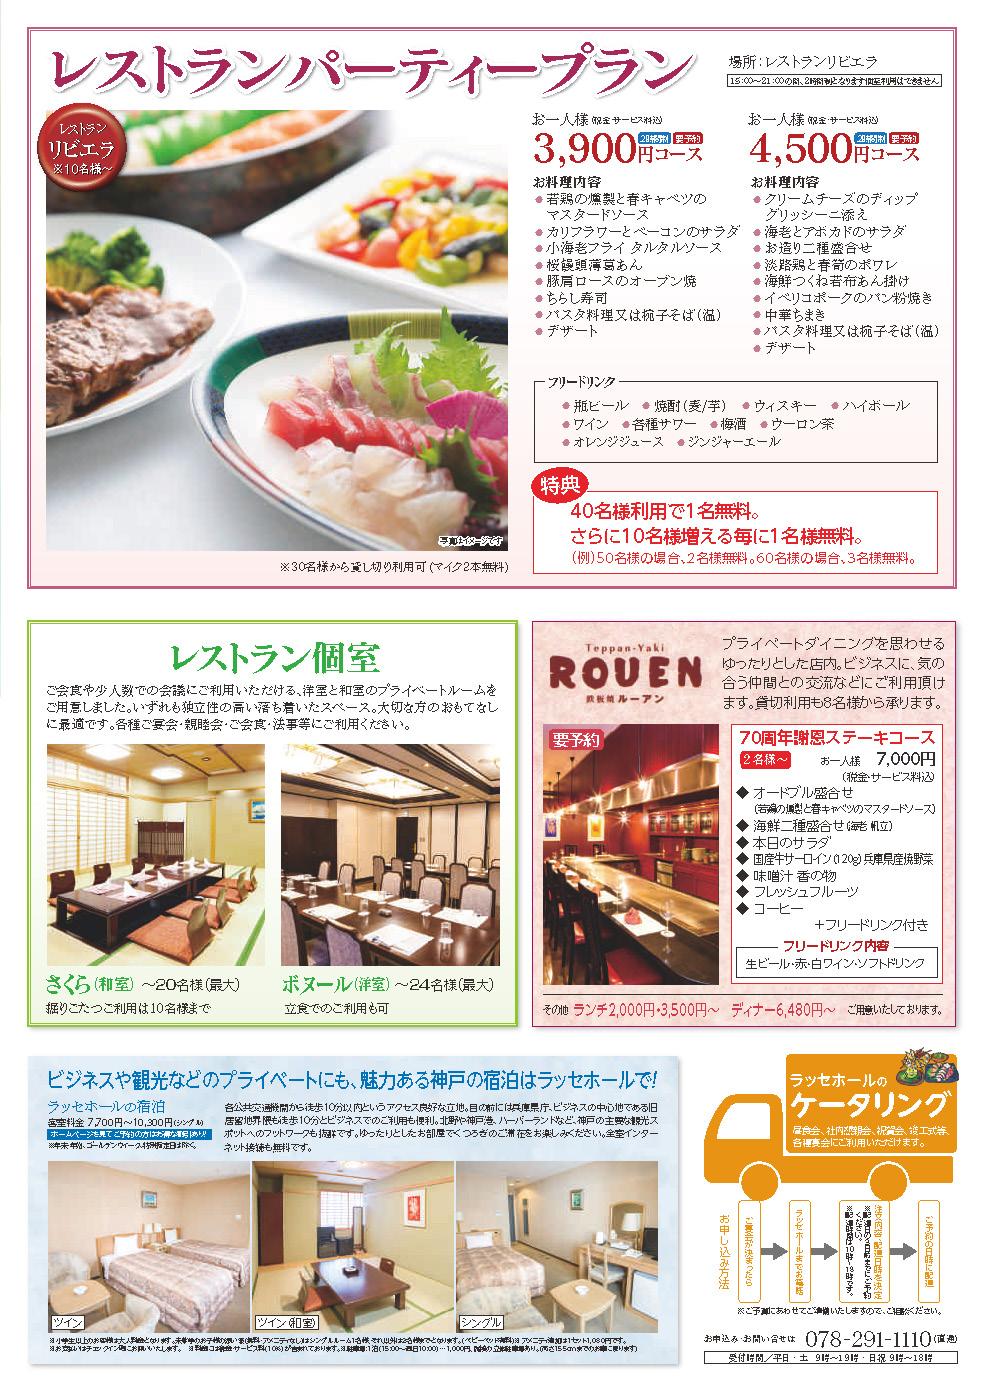 レストラン 春の70周年企画